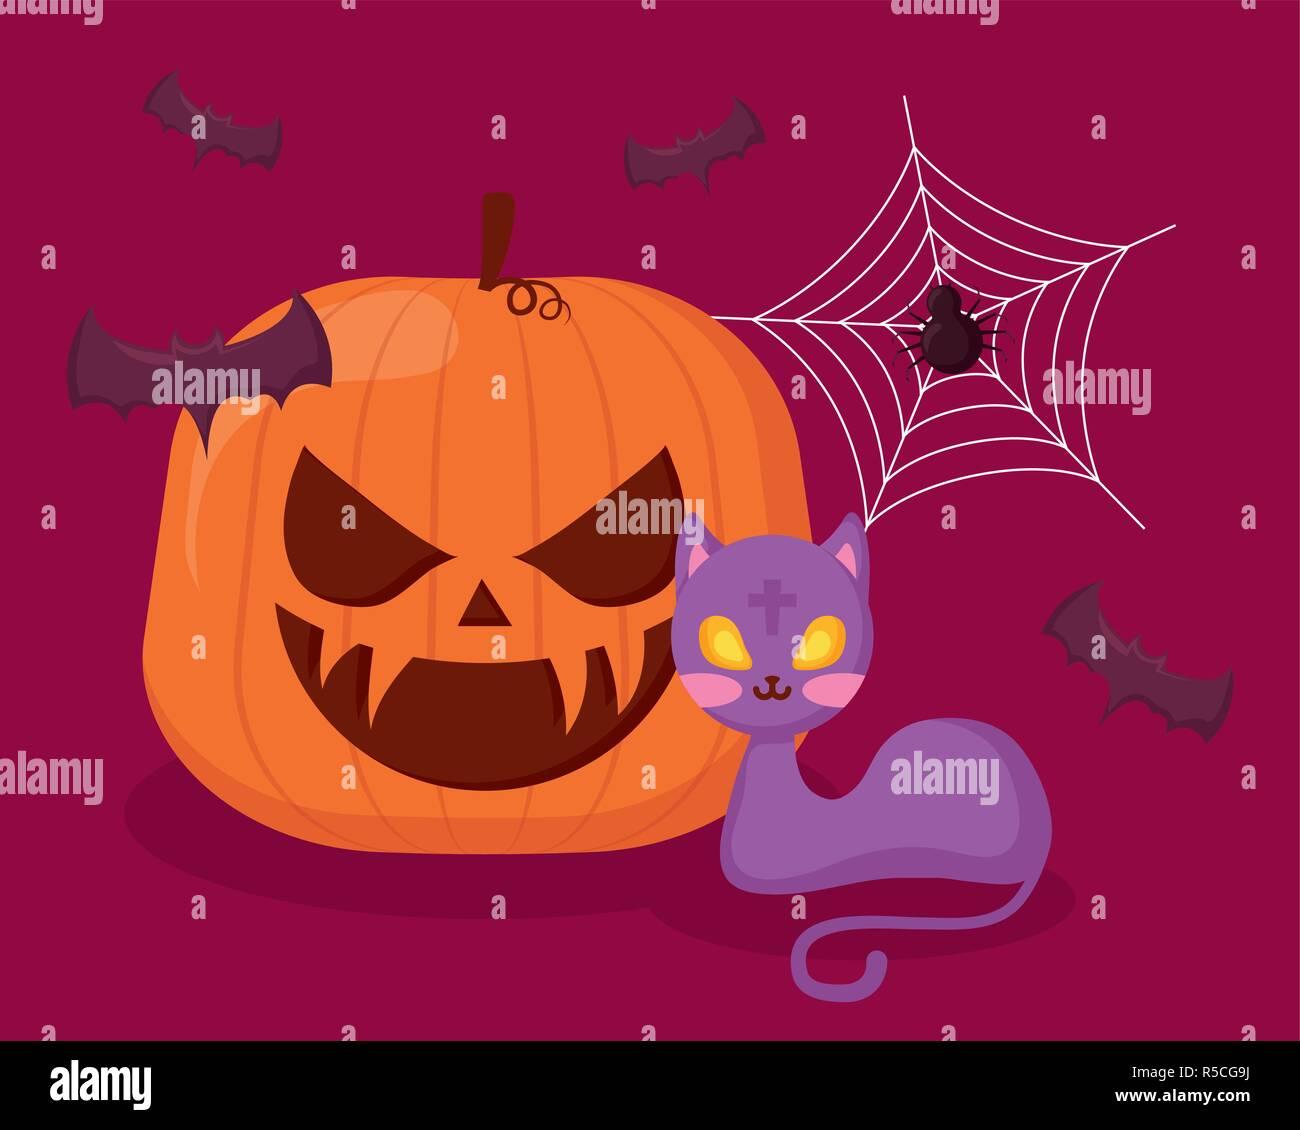 Zucca Halloween Gatto.Zucca Di Halloween Con Gatto E Pipistrelli Illustrazione Vettoriale